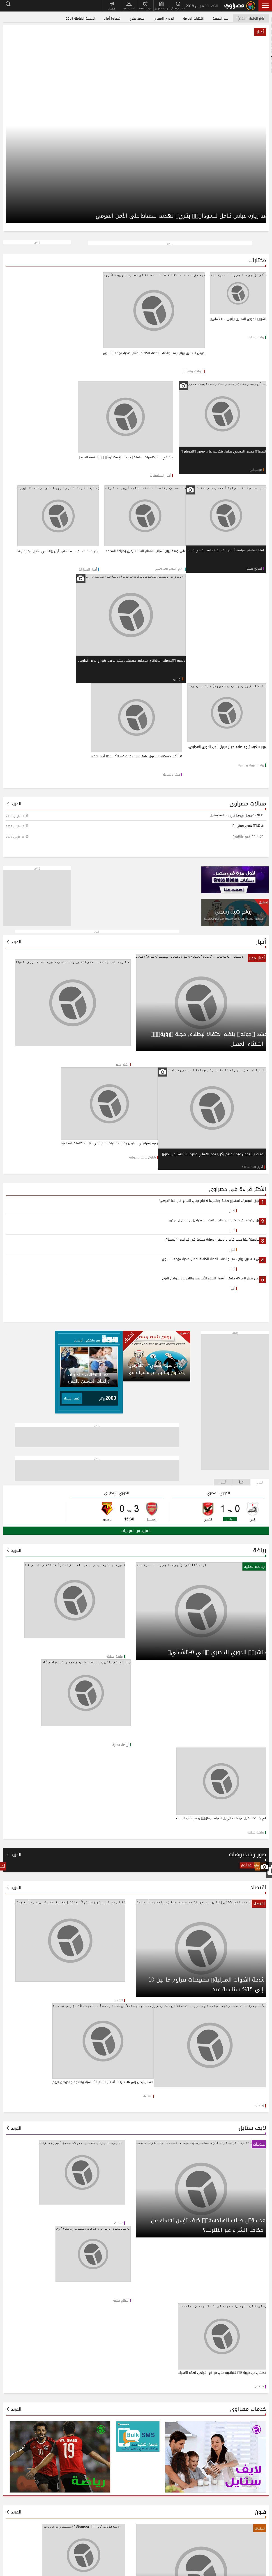 Masrawy at Sunday March 11, 2018, 6:06 p.m. UTC